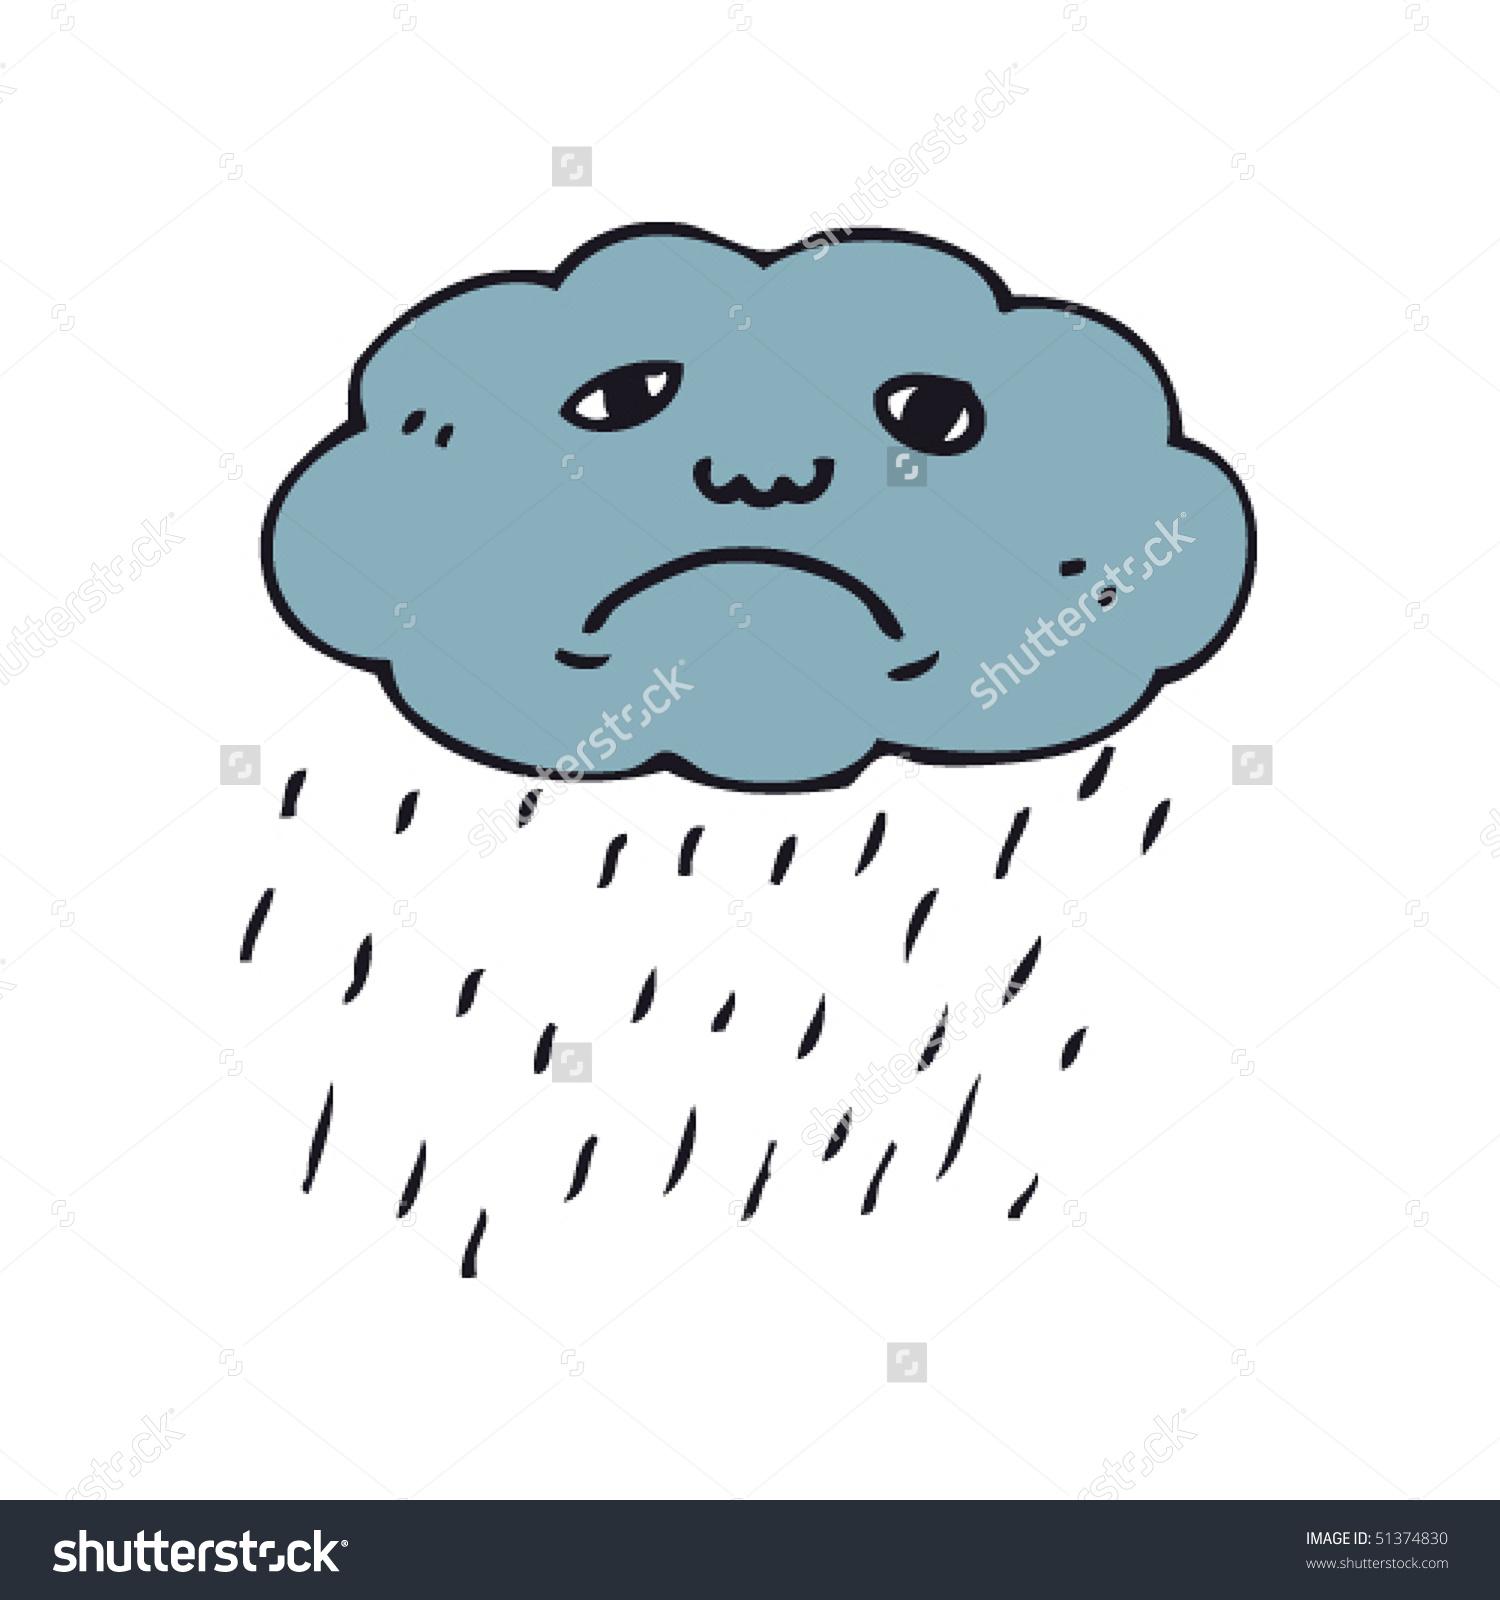 Sad rain cloud clipart.